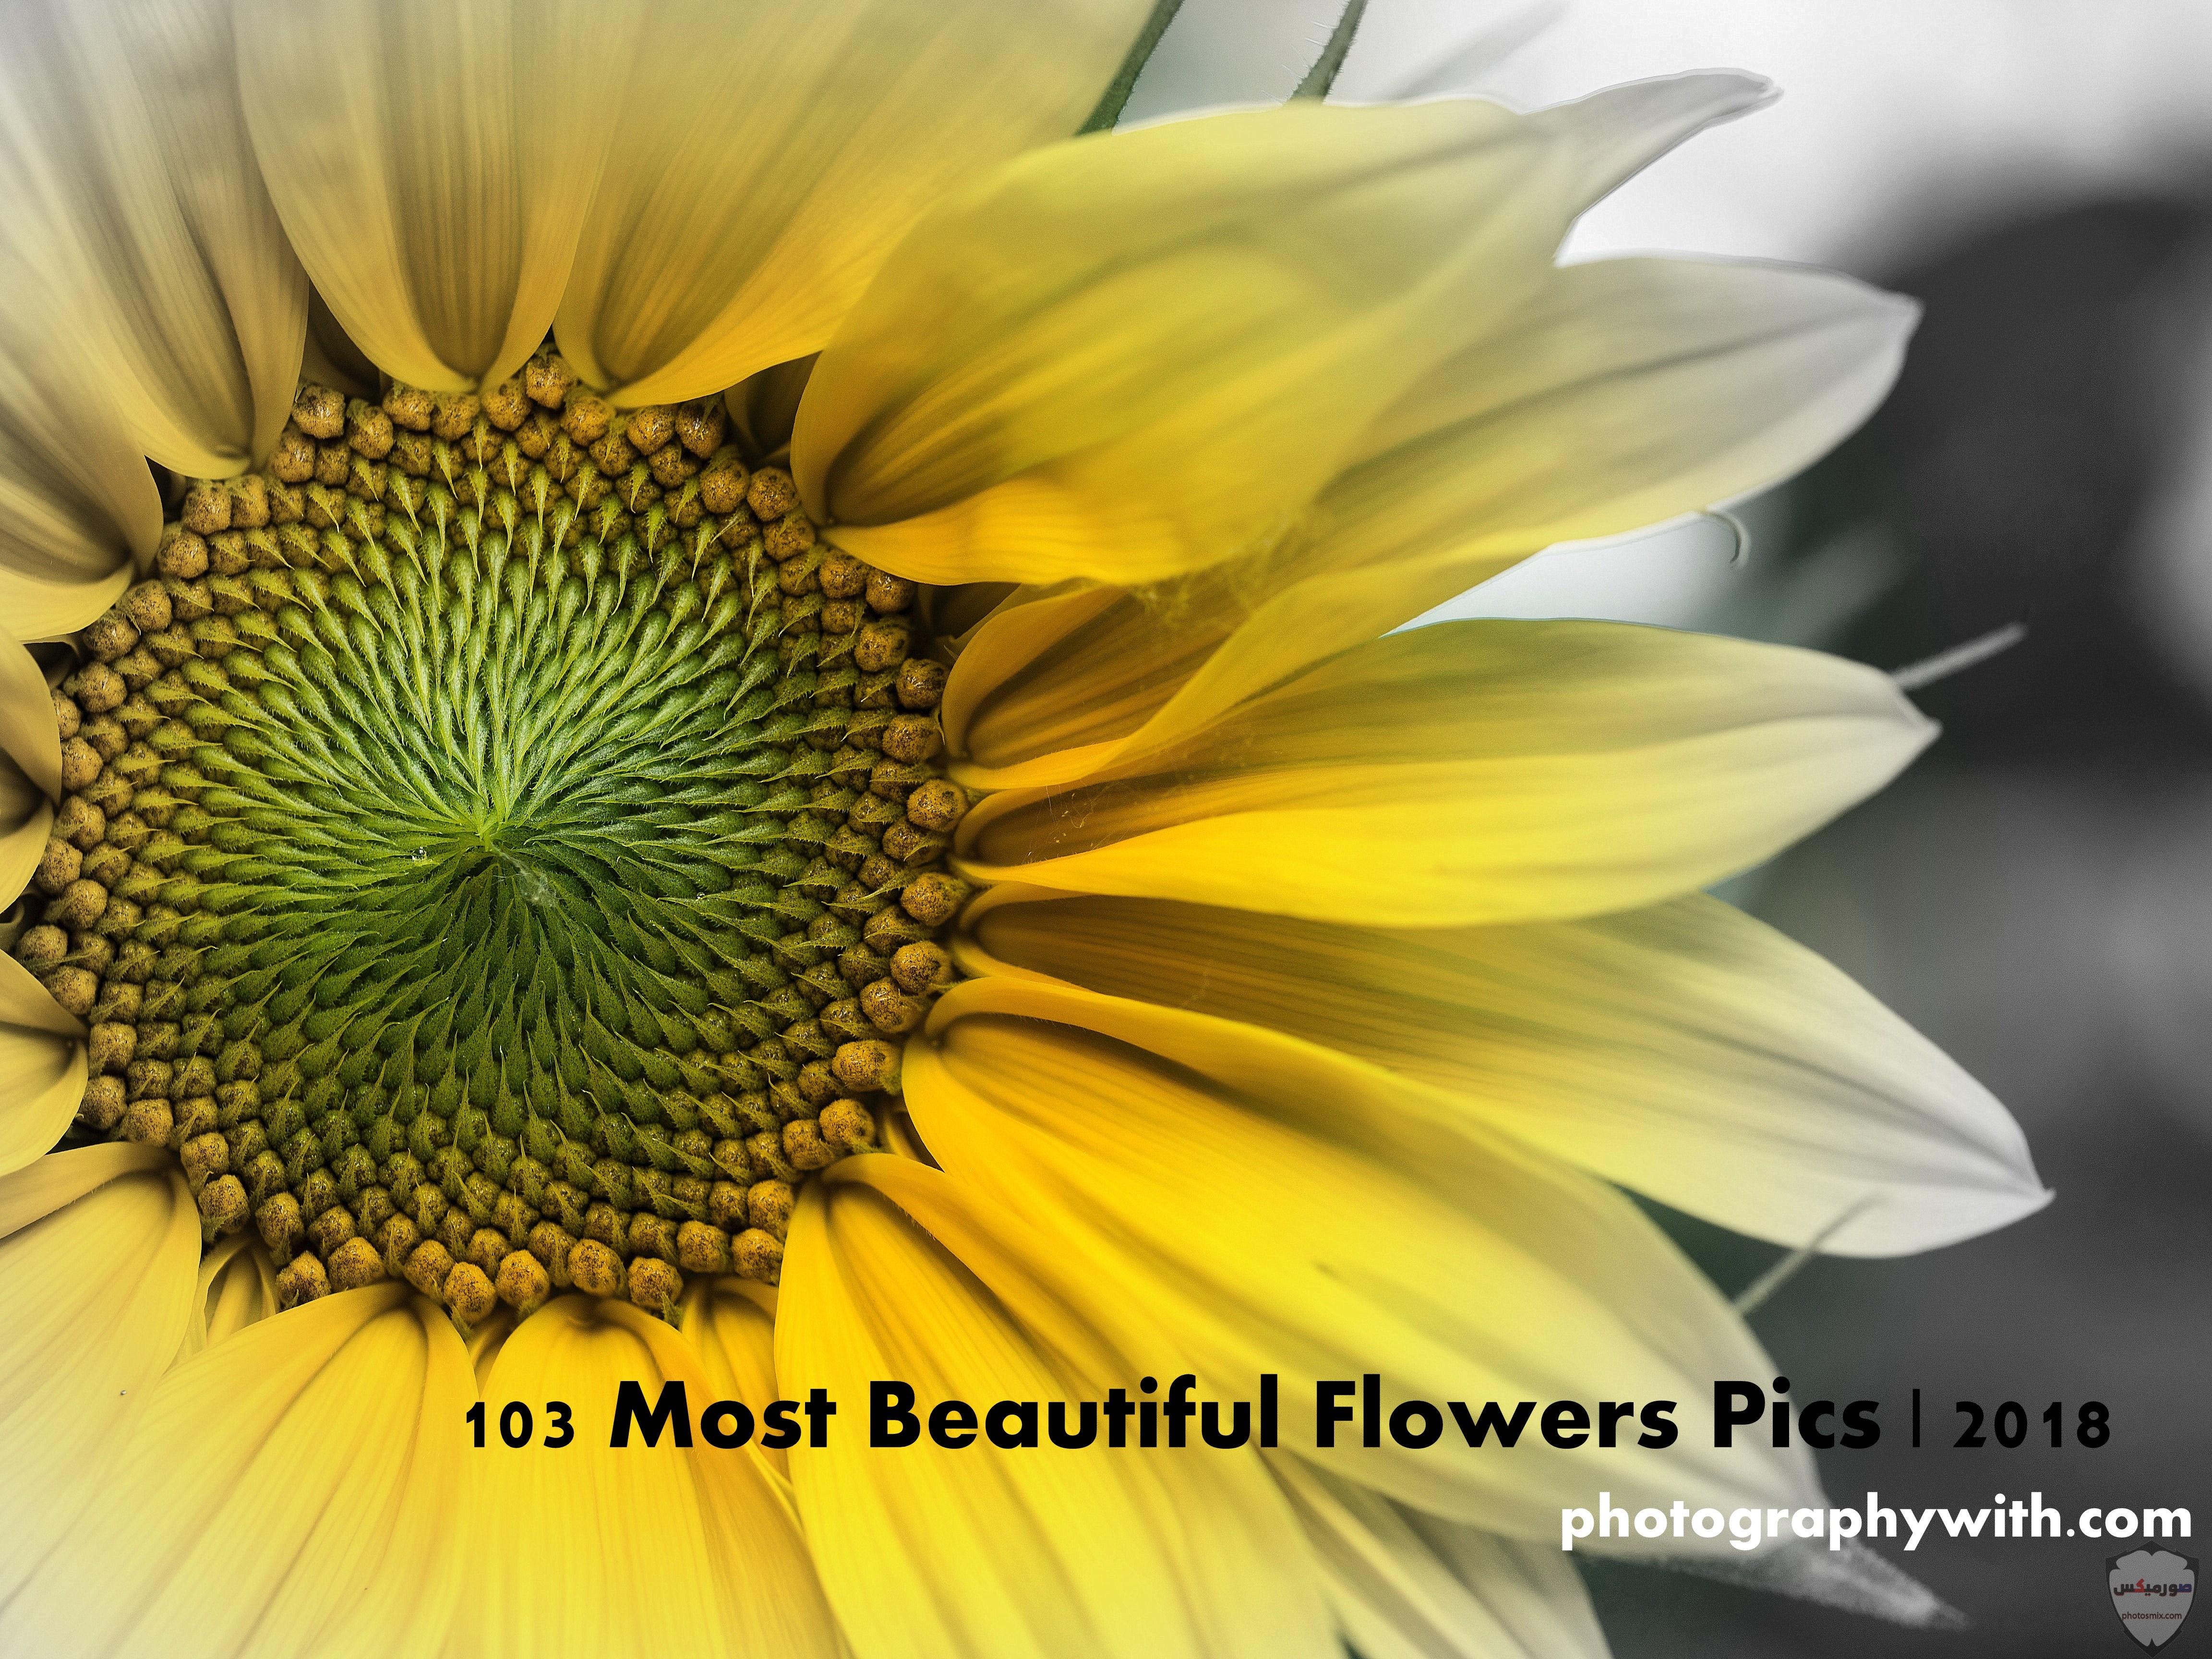 اجمل صور صور جميلة صور جميلة مكتوب عليها اجمل صور خلفيات 32